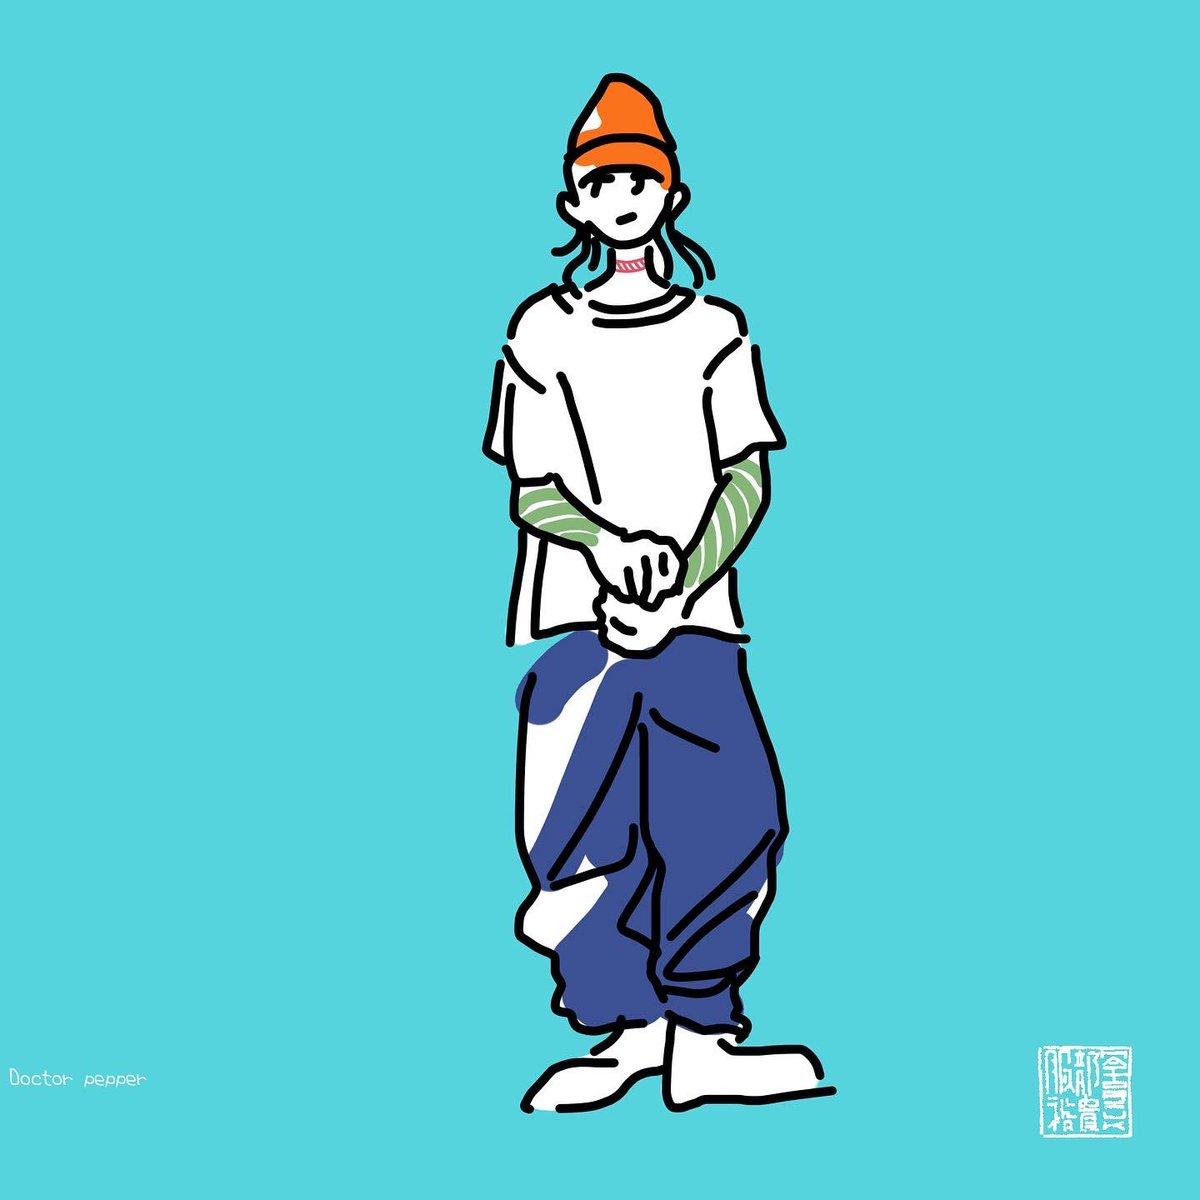 U K イカす少年 Drawing ドローイング Illust イラスト Illustration イラストレーション Illustrator イラストレーター Colorful カラフル Fashionable おしゃれ おしゃれさんと繋がりたい おしゃれ好き オシャレ男子 おしゃれ男子